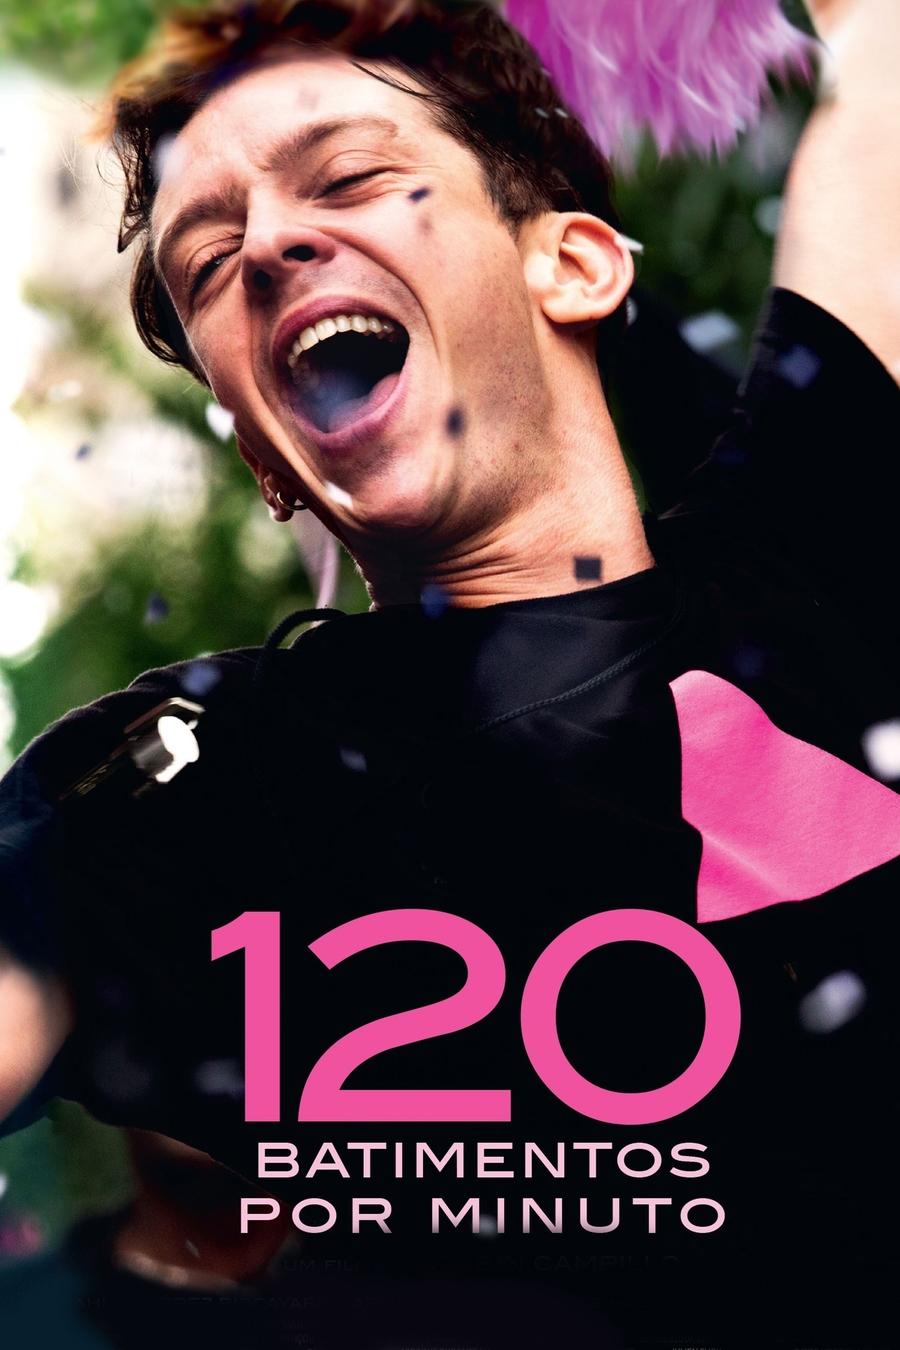 120 Batimentos por Minuto